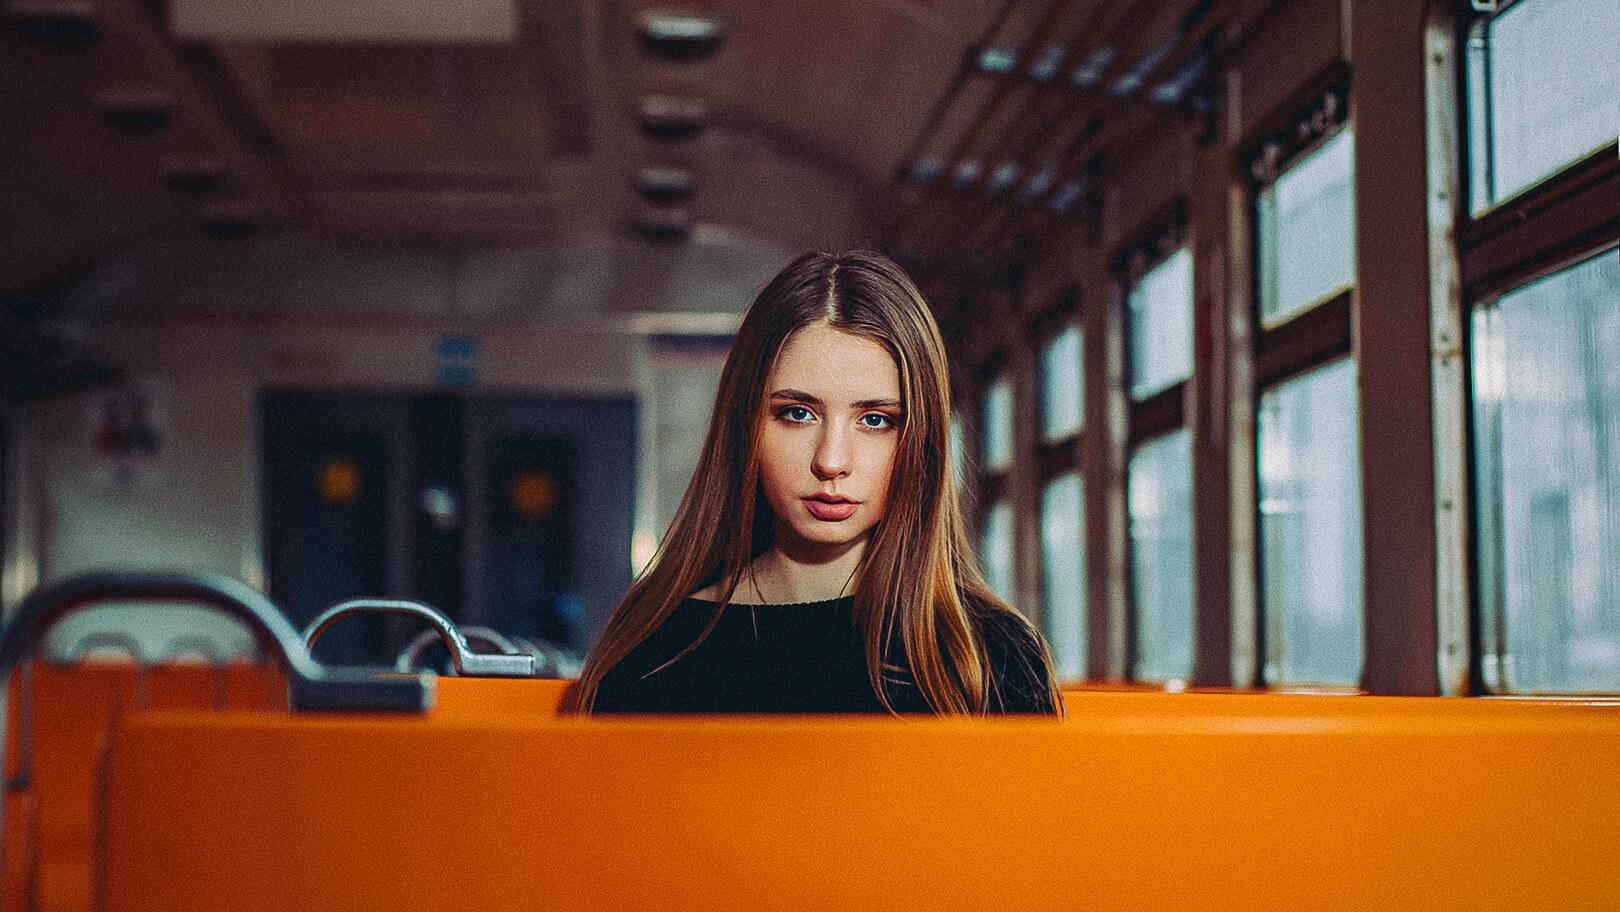 фотопроект в поезде все так идеально